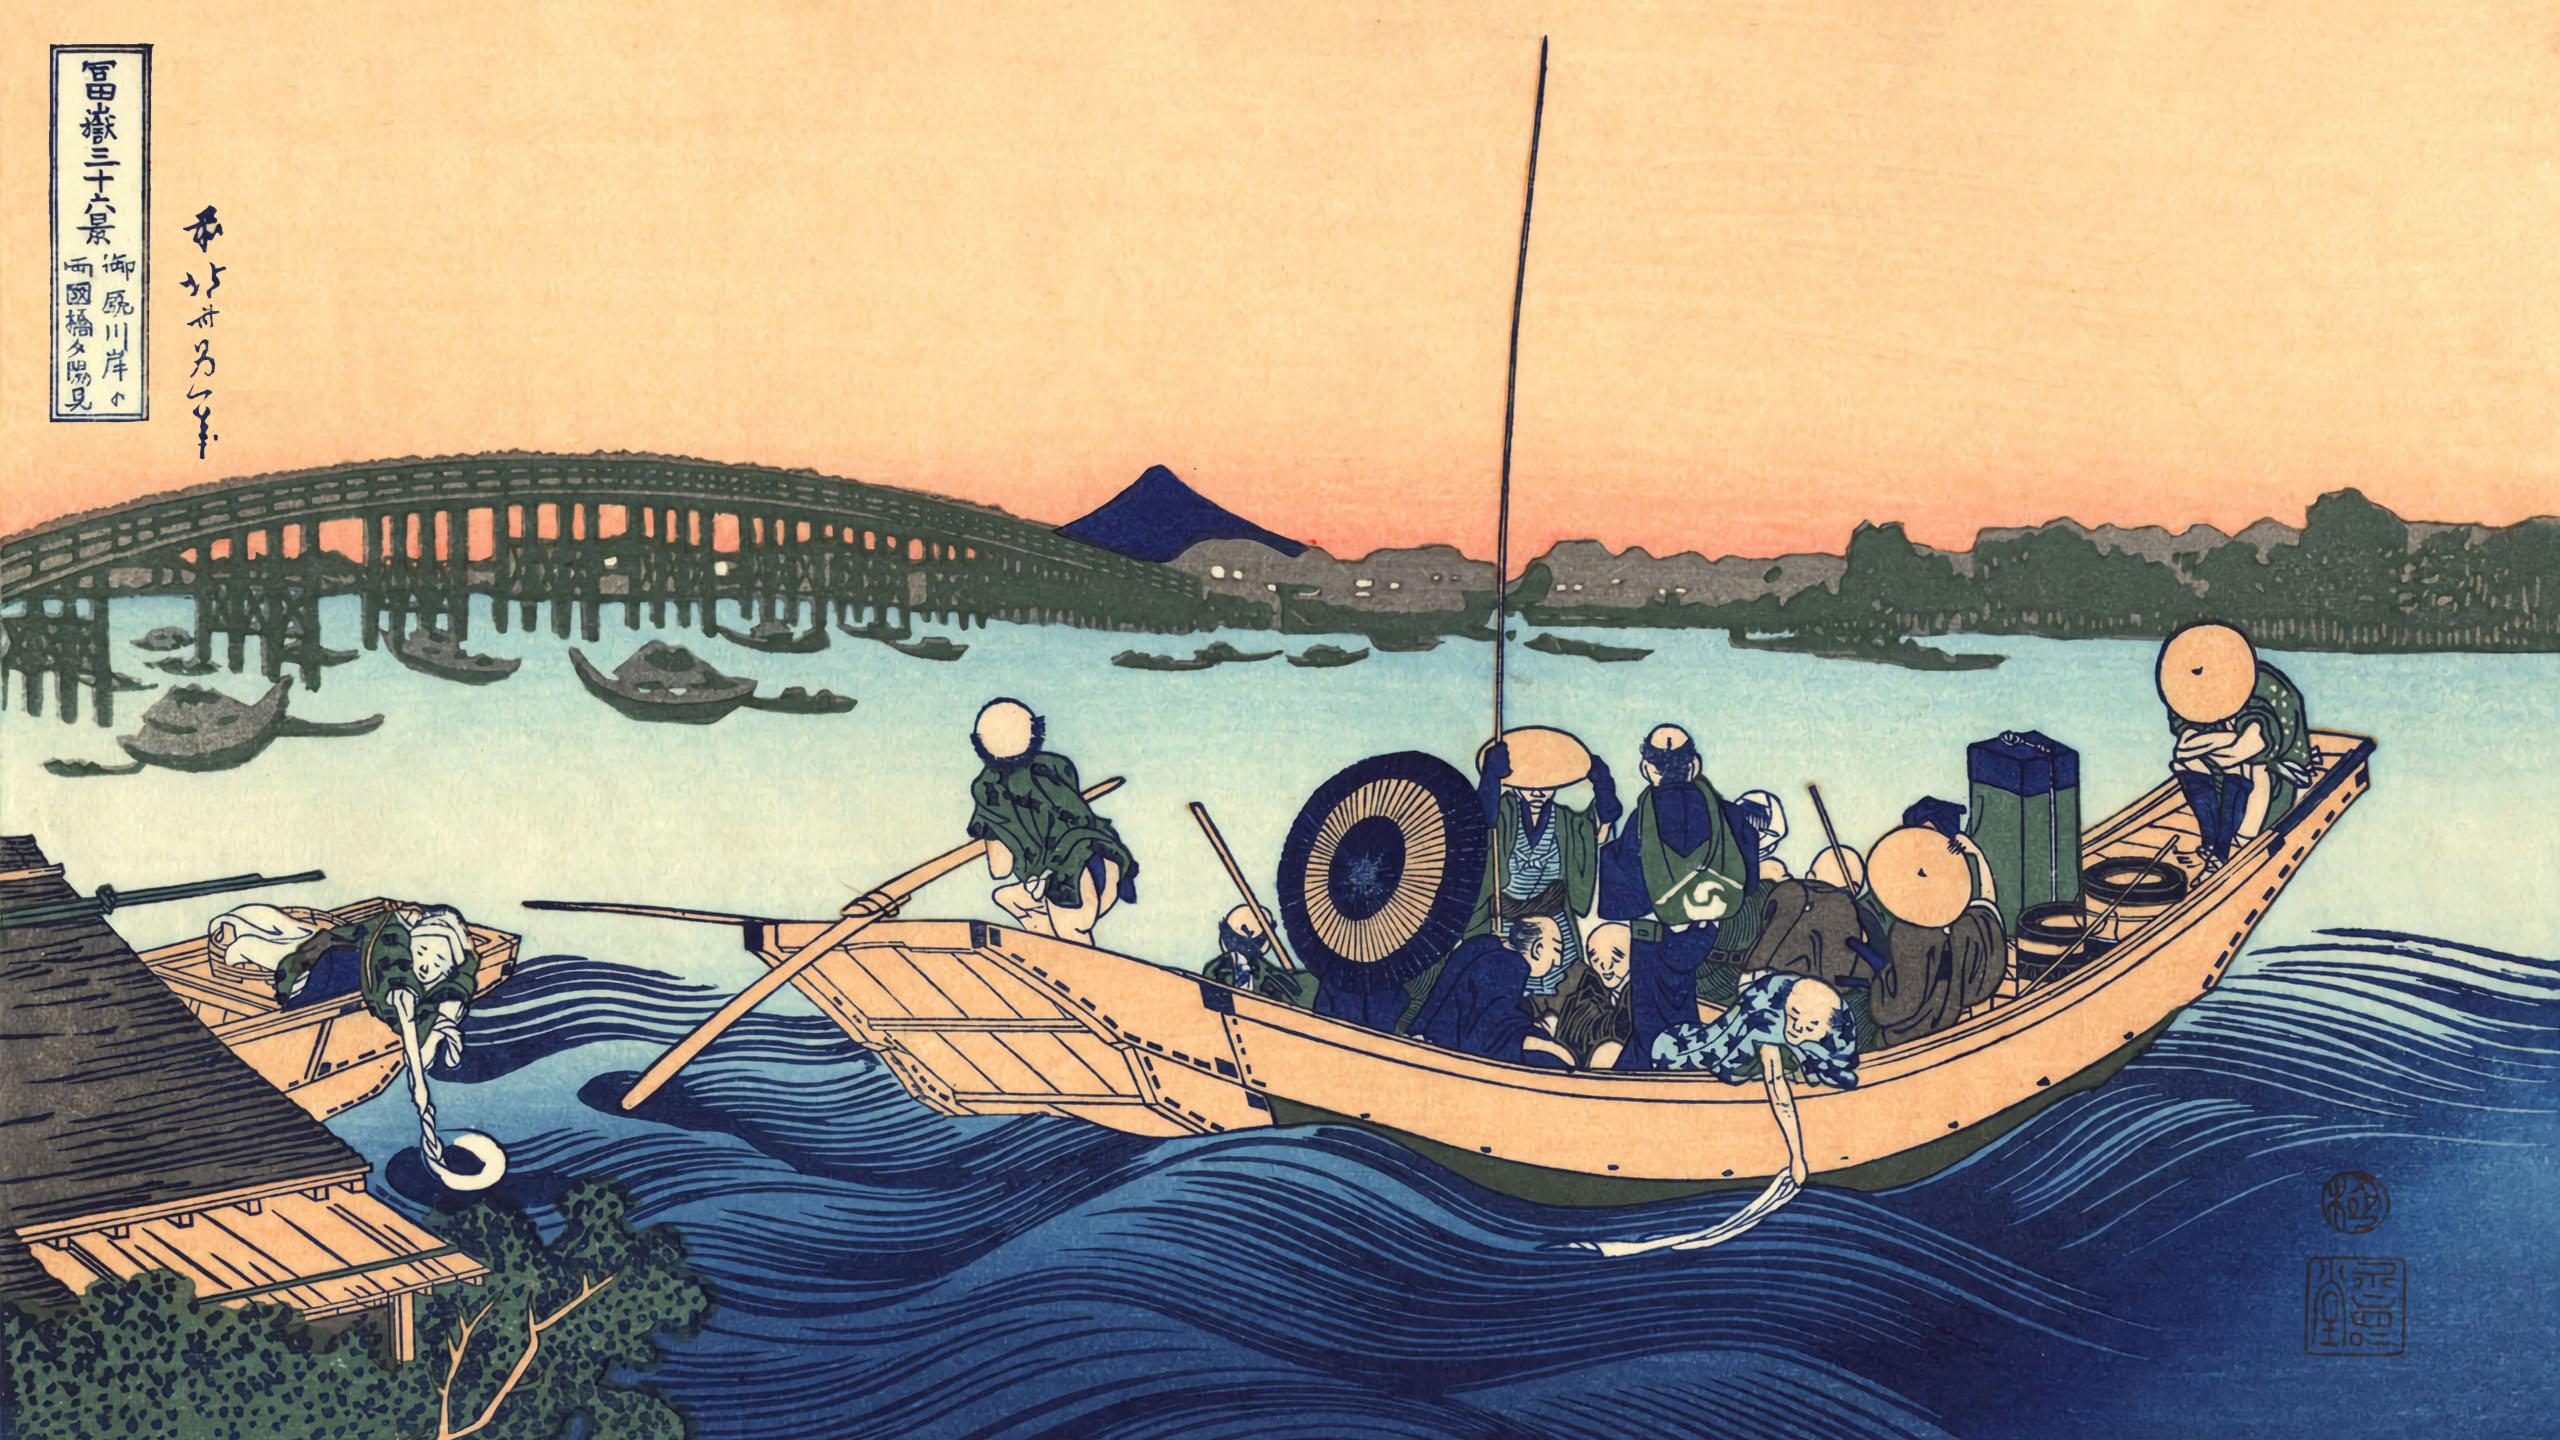 Katsushika Hokusai - Onmagashi yori ryogokubashi yuhi mi 2560-1440